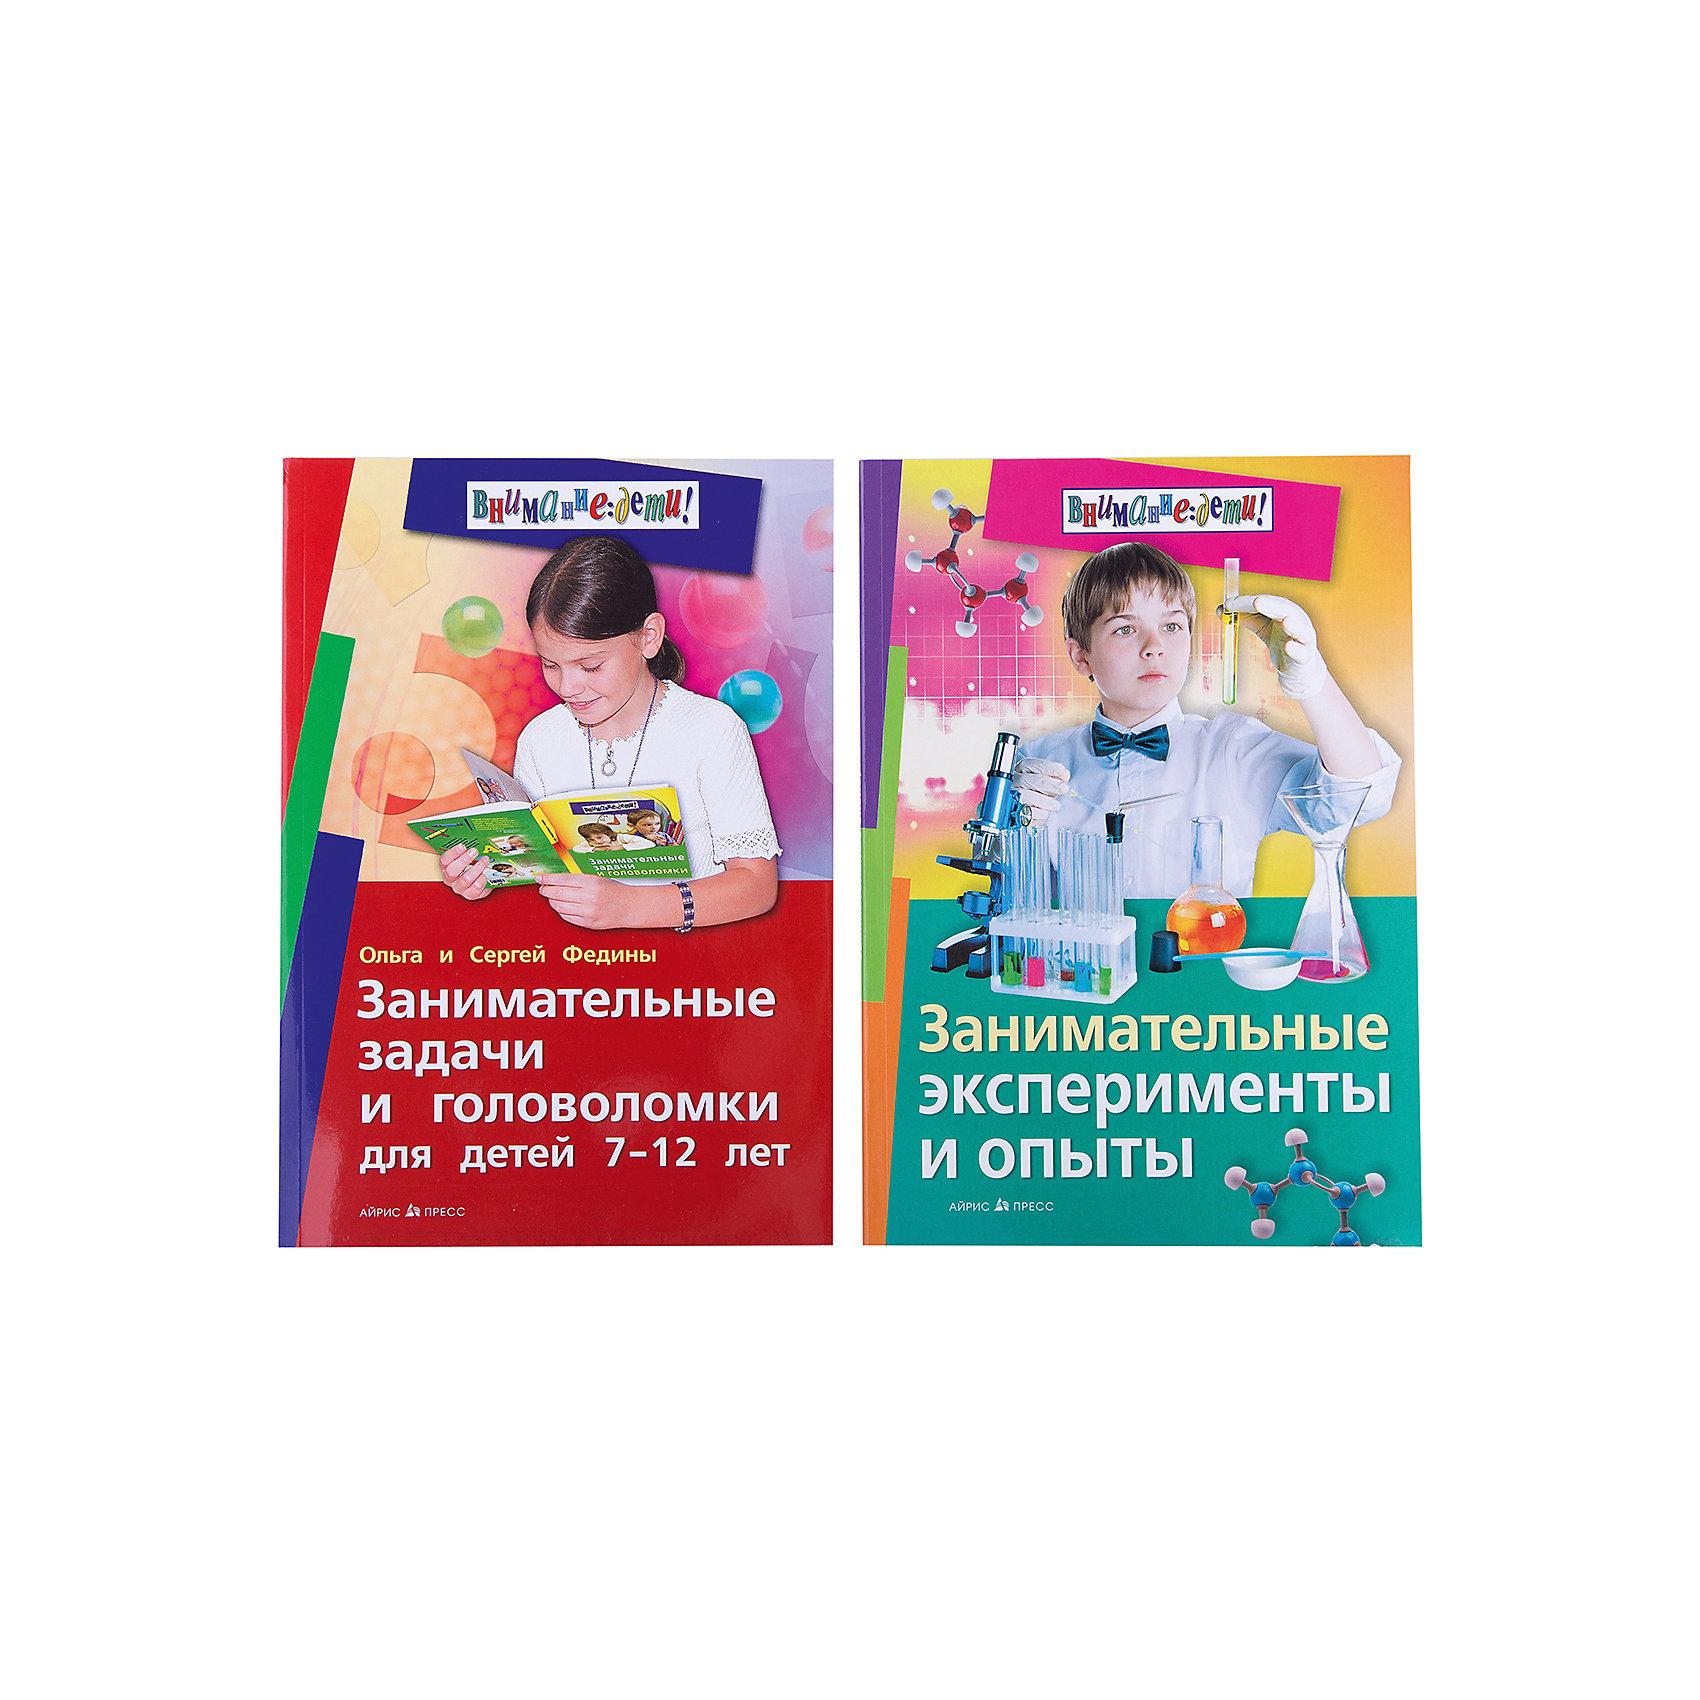 Занимательные задачи и головоломки: Занимательные эксперименты и опытыВикторины и ребусы<br>Характеристики товара:<br><br>• возраст: от 9 лет<br>• в комплекте 2 книги: «Занимательные задачи и головоломки для детей 7-12 лет»; «Занимательные эксперименты и опыты».<br>• авторы: Федин С. Н.,Федина О. В., Ола Франсуа, Дюпре Жан-Поль, Жибер Анна-Мария<br>• художник: Новиков И. В.<br>• издательство: Айрис-Пресс<br>• тип обложки: мягкий переплет<br>• иллюстрации: черно-белые, цветные<br>• количество страниц: 240 (офсет)<br>• размер каждой книги: 23,5х16,5х0,6 см.<br>• вес каждой книги: 200 гр.<br>• ISBN: 9785811256808<br><br>Комплект состоит из 2 книг.<br><br>1. «Занимательные задачи и головоломки для детей 7-12 лет». Занимательные задания, которые в ней собраны, написаны с юмором и развивают самые разные стороны интеллекта: логическое и ассоциативное мышление, внимание, сообразительность, умение нестандартно мыслить. Иллюстрации в книге черно-белые. Книга адресована родителям и школьным учителям для занятий с детьми 7-12 лет.<br><br>2. «Занимательные эксперименты и опыты» В книге в доступной и популярной форме рассказывается об основных законах физики и химии, а также явлениях из области ботаники и биологии. Описание каждого явления и эксперимента проиллюстрировано цветными рисунками. Книга будет интересна детям от 9 до14 лет.<br><br>Книги «Занимательные задачи и головоломки: Занимательные эксперименты и опыты» можно купить в нашем интернет-магазине.<br><br>Ширина мм: 15<br>Глубина мм: 165<br>Высота мм: 235<br>Вес г: 366<br>Возраст от месяцев: -2147483648<br>Возраст до месяцев: 2147483647<br>Пол: Унисекс<br>Возраст: Детский<br>SKU: 6849678